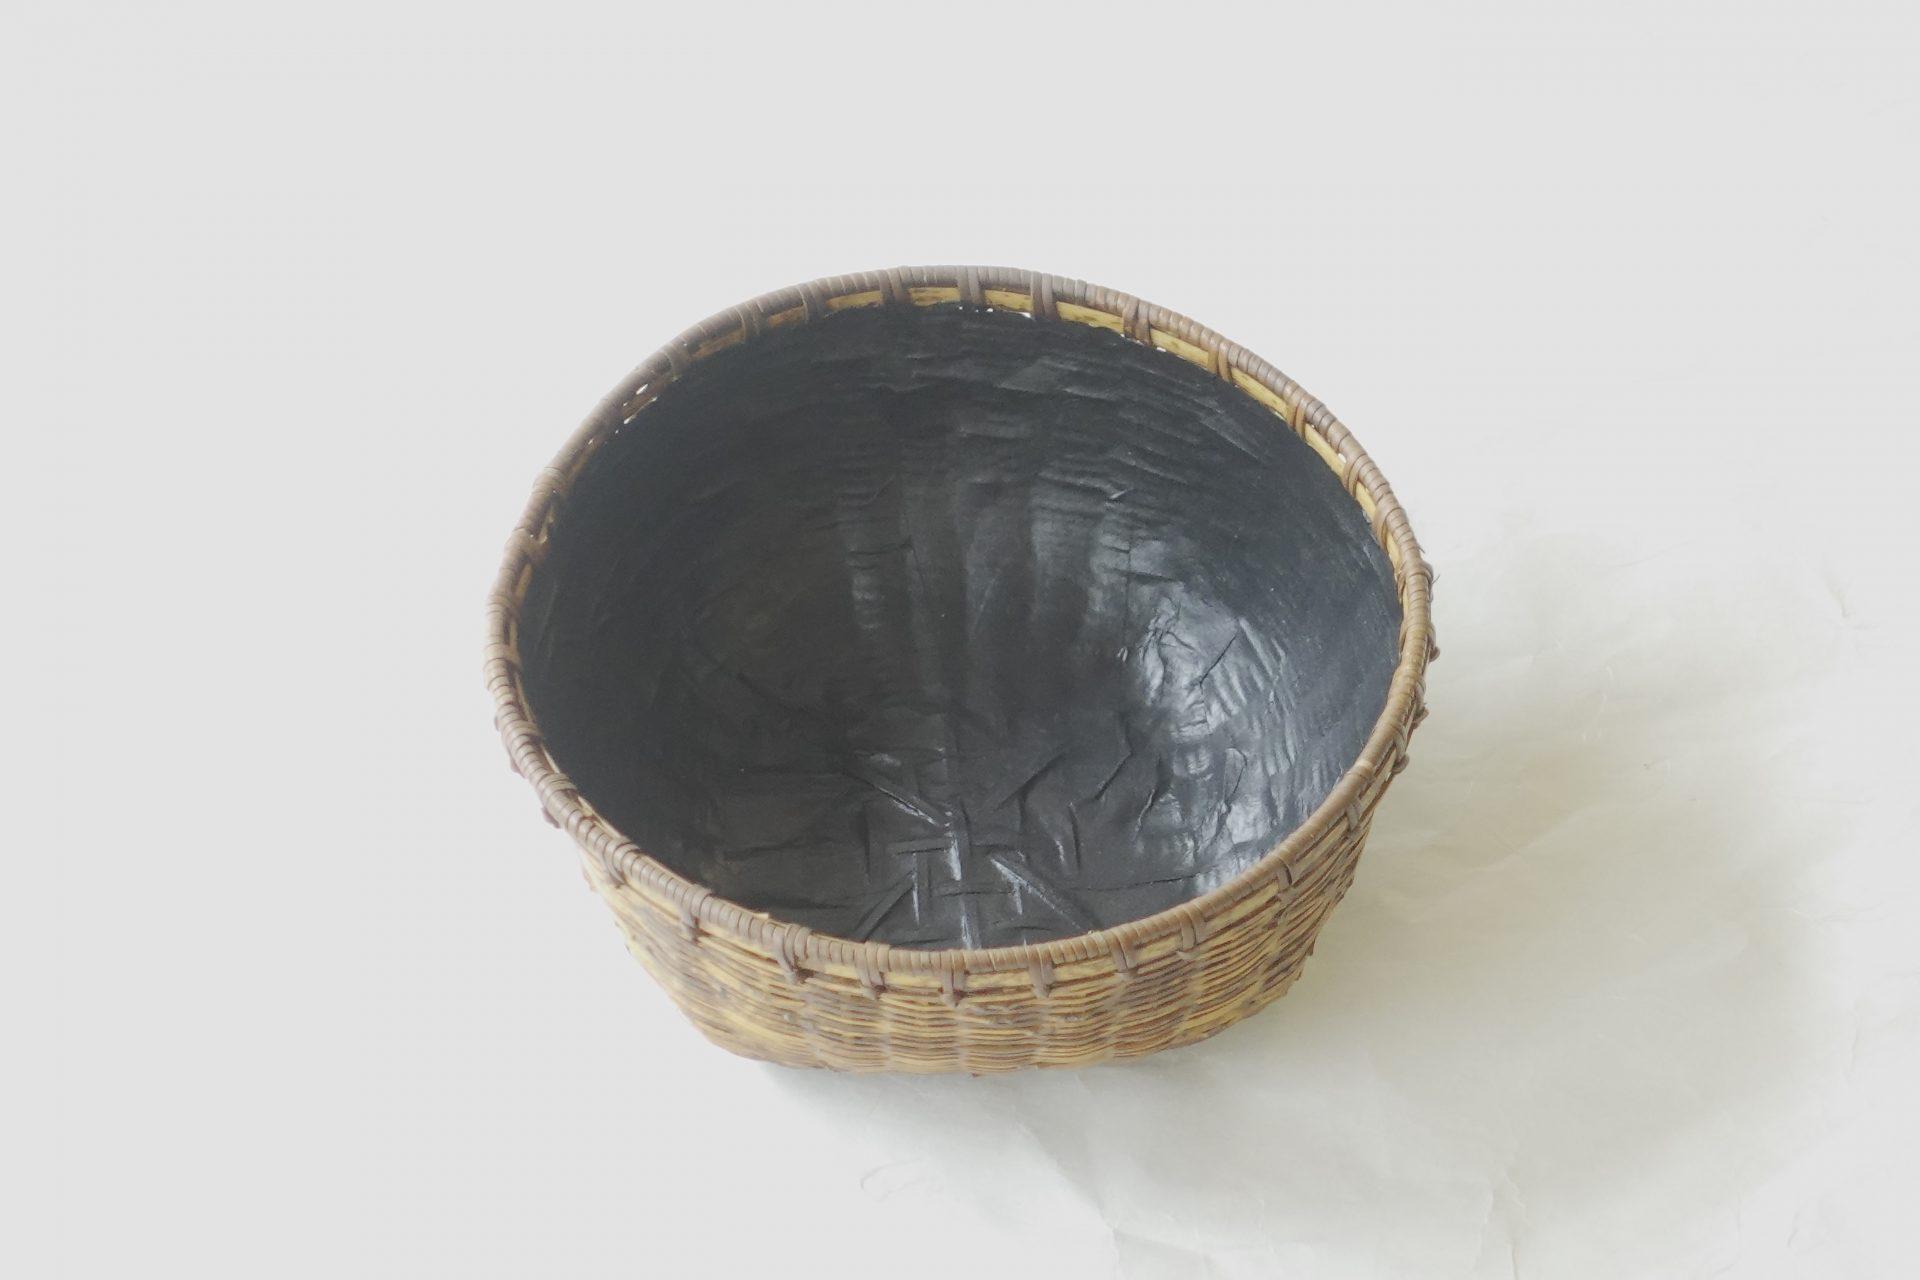 漆器 煎茶 竹製 炭斗 すみとり  炭を入れる器 細かい 高い技術 侘びた風情 底が平ら 多くのものが入る 使いやすい 和紙貼り 軽い 丈夫 割れにくい 小物入れ